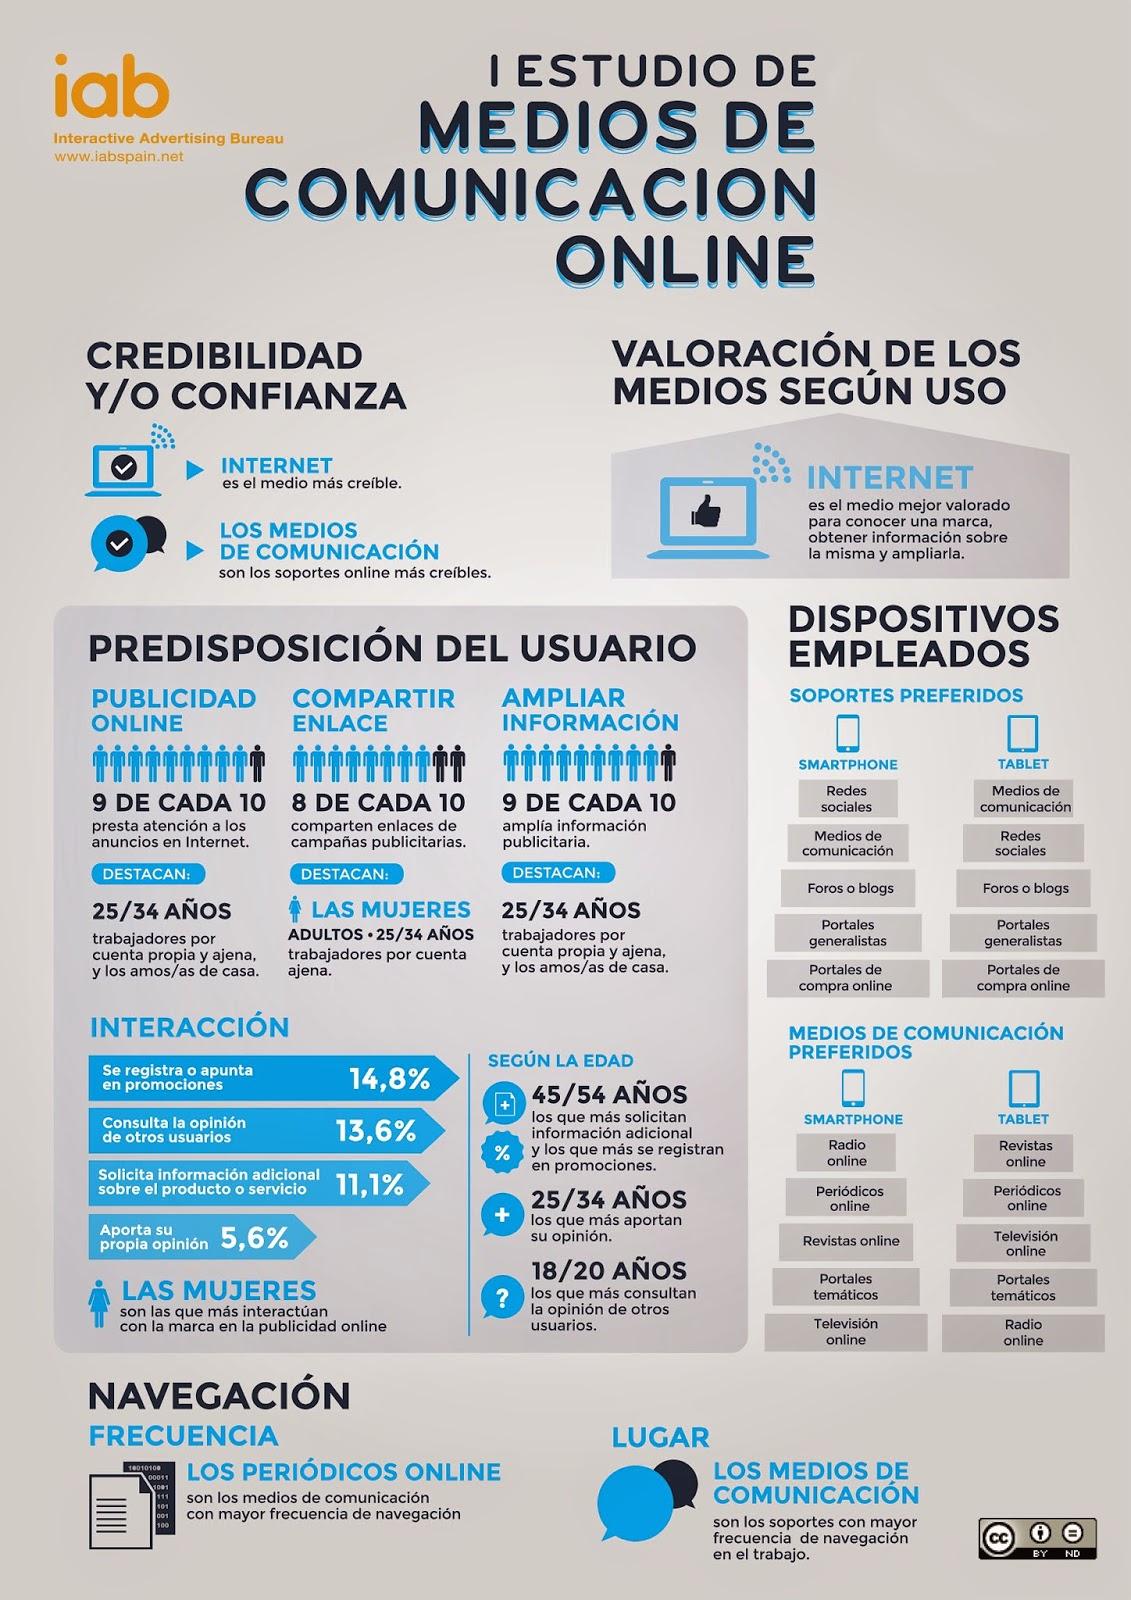 http://www.iabspain.net/noticias/iab-spain-lanza-la-infografia-del-estudio-de-medios-de-comunicacion-online/